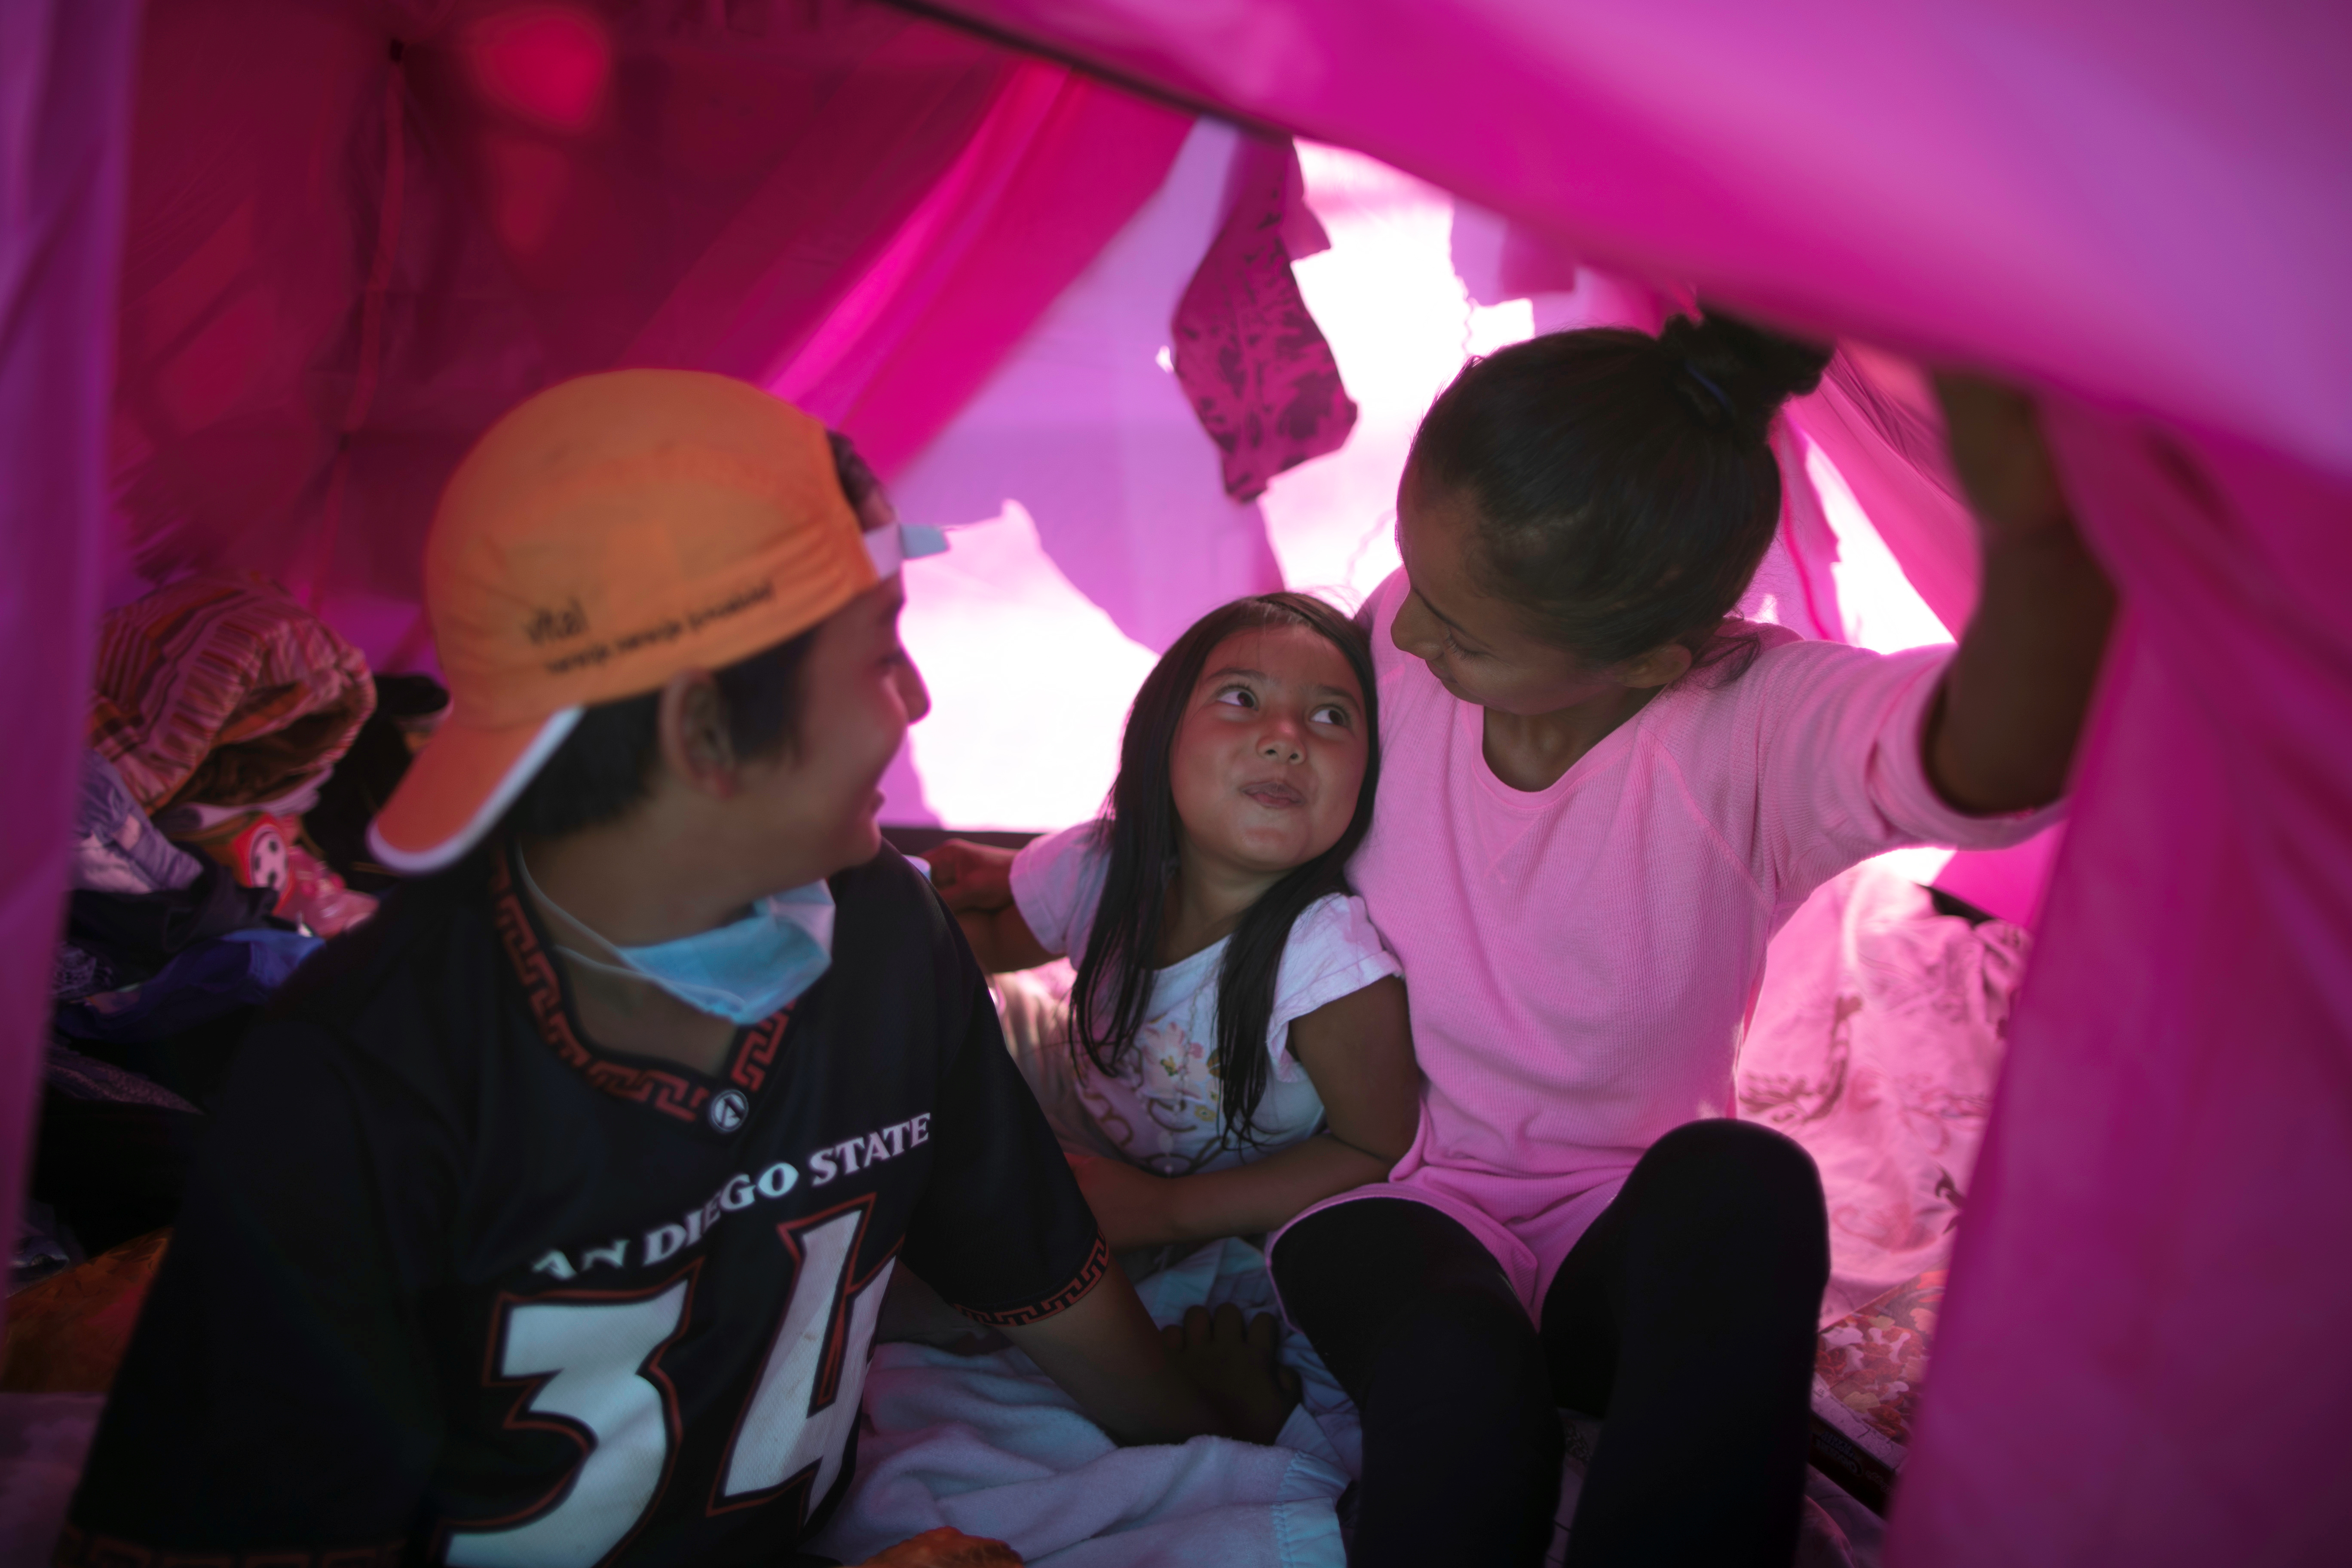 Detención de niños en estaciones migrantes es ilegal pero ocurre: Unicef